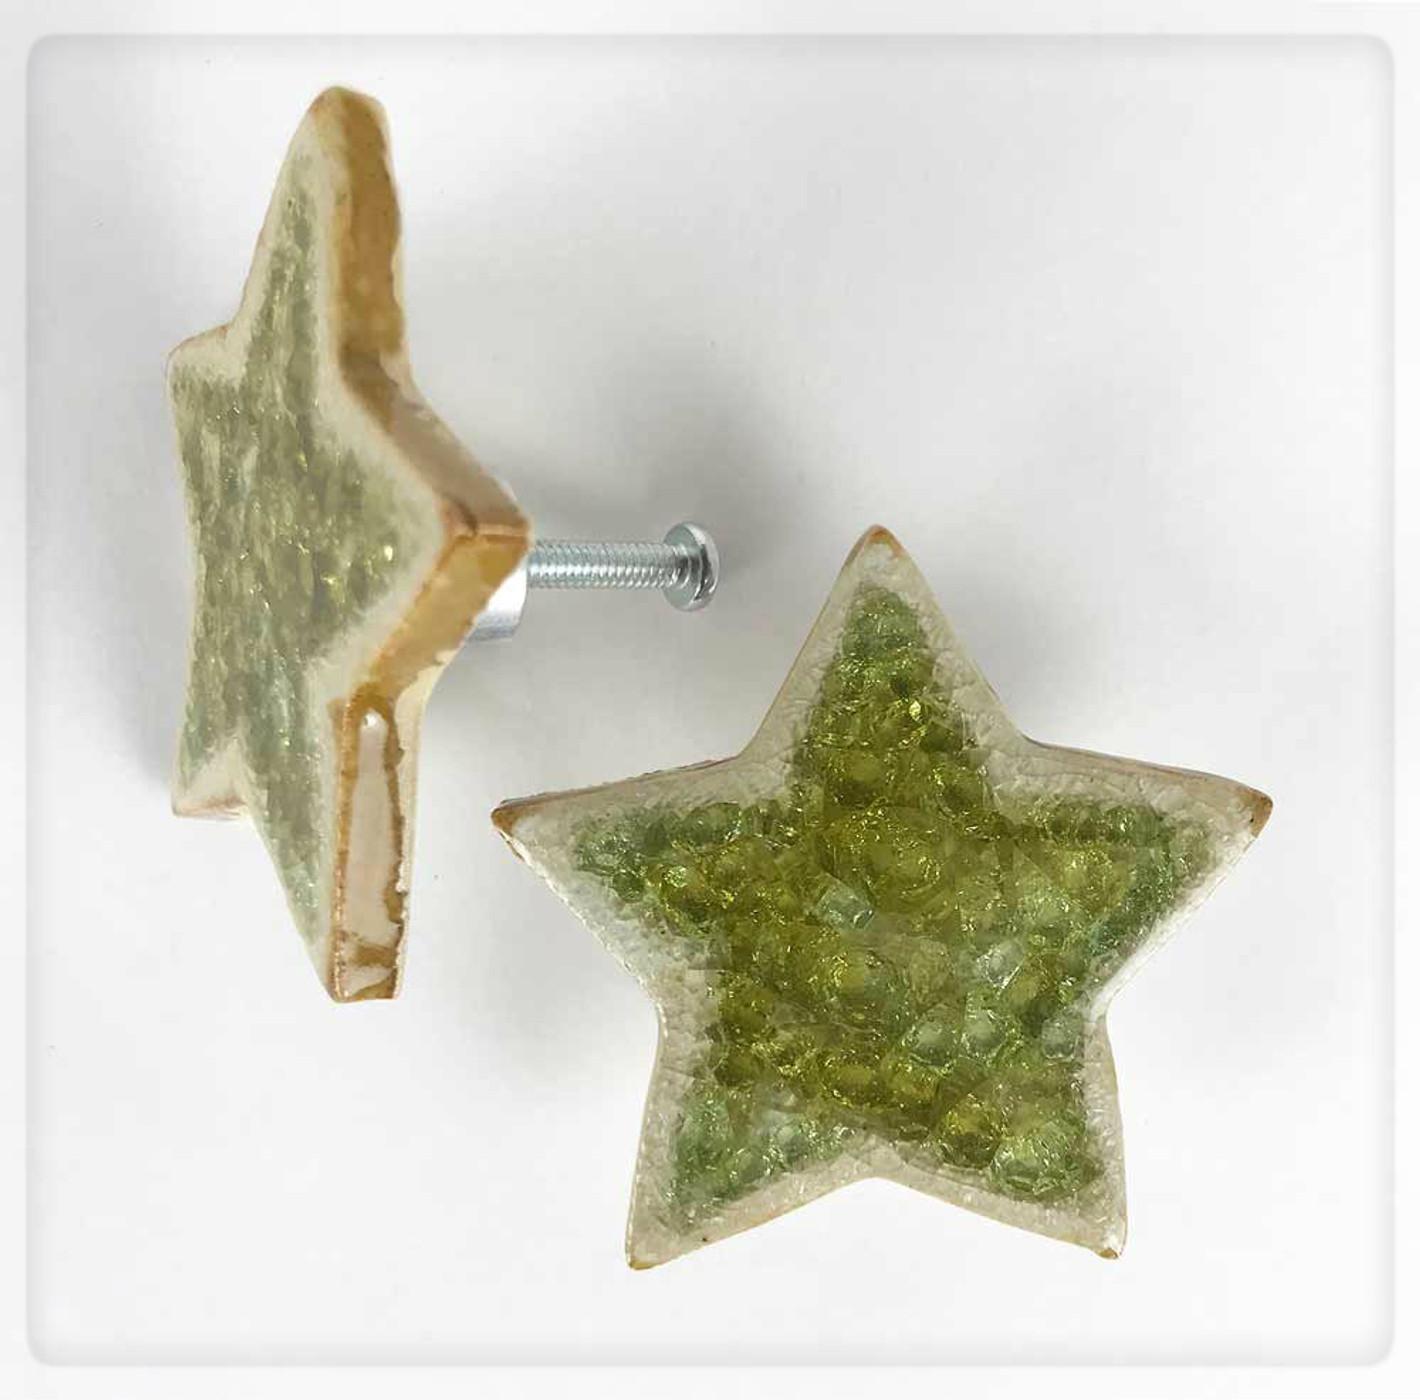 star furniture pulls